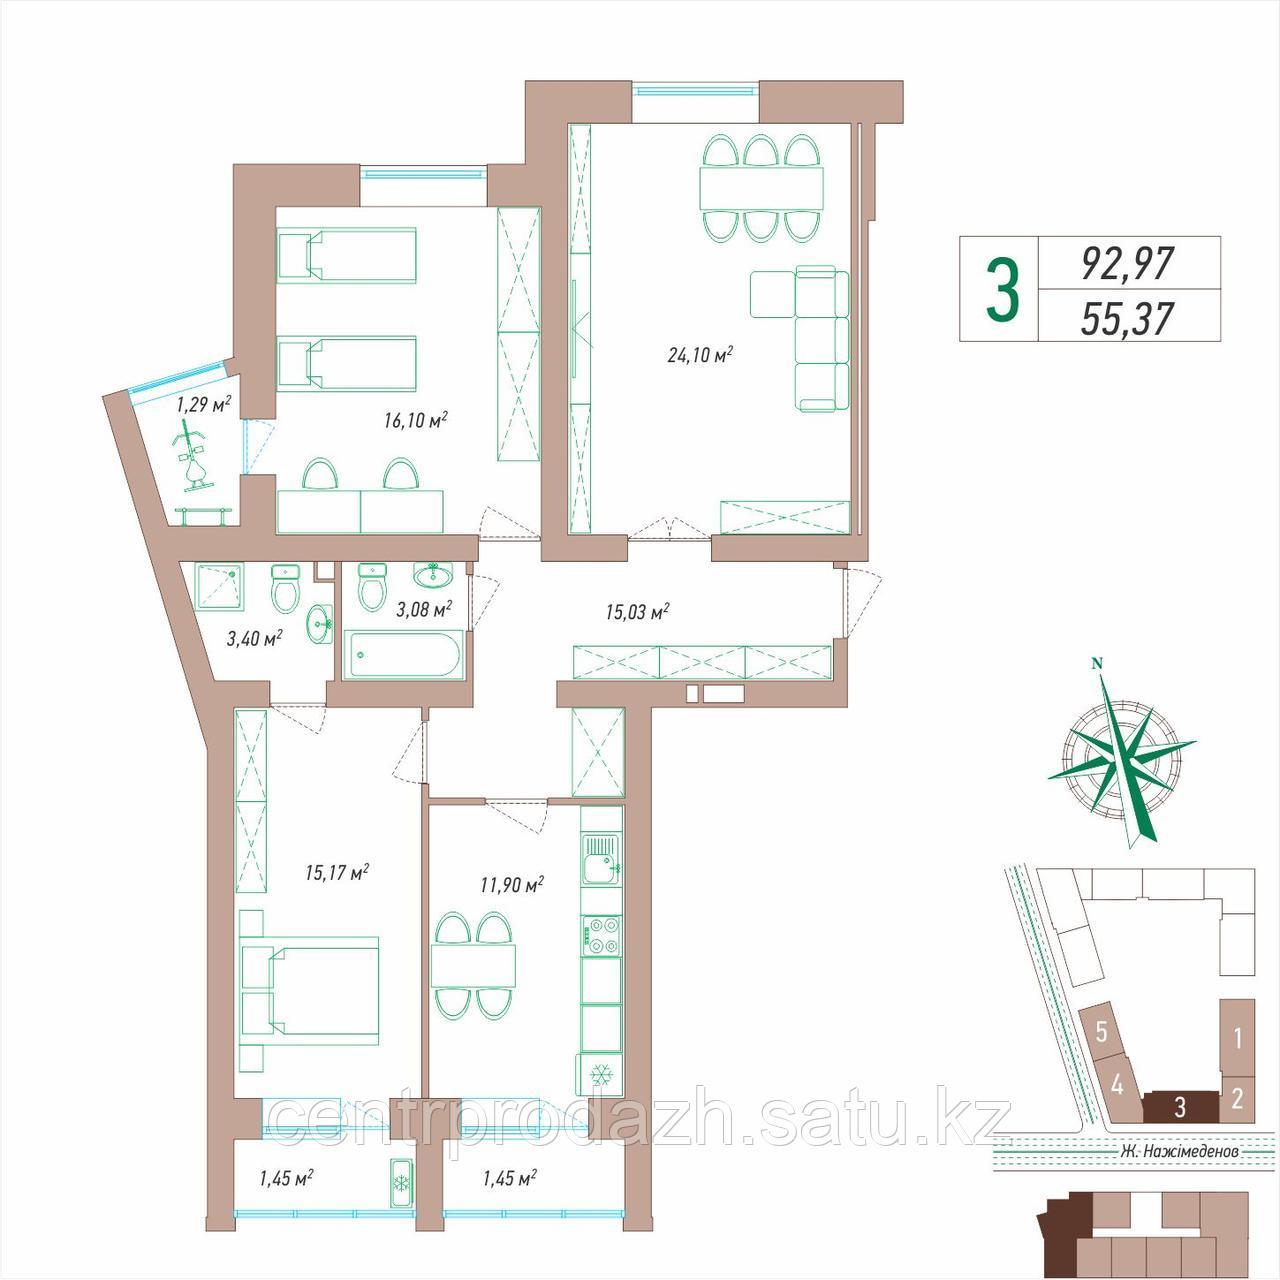 3 комнатная квартира 92.97 м²